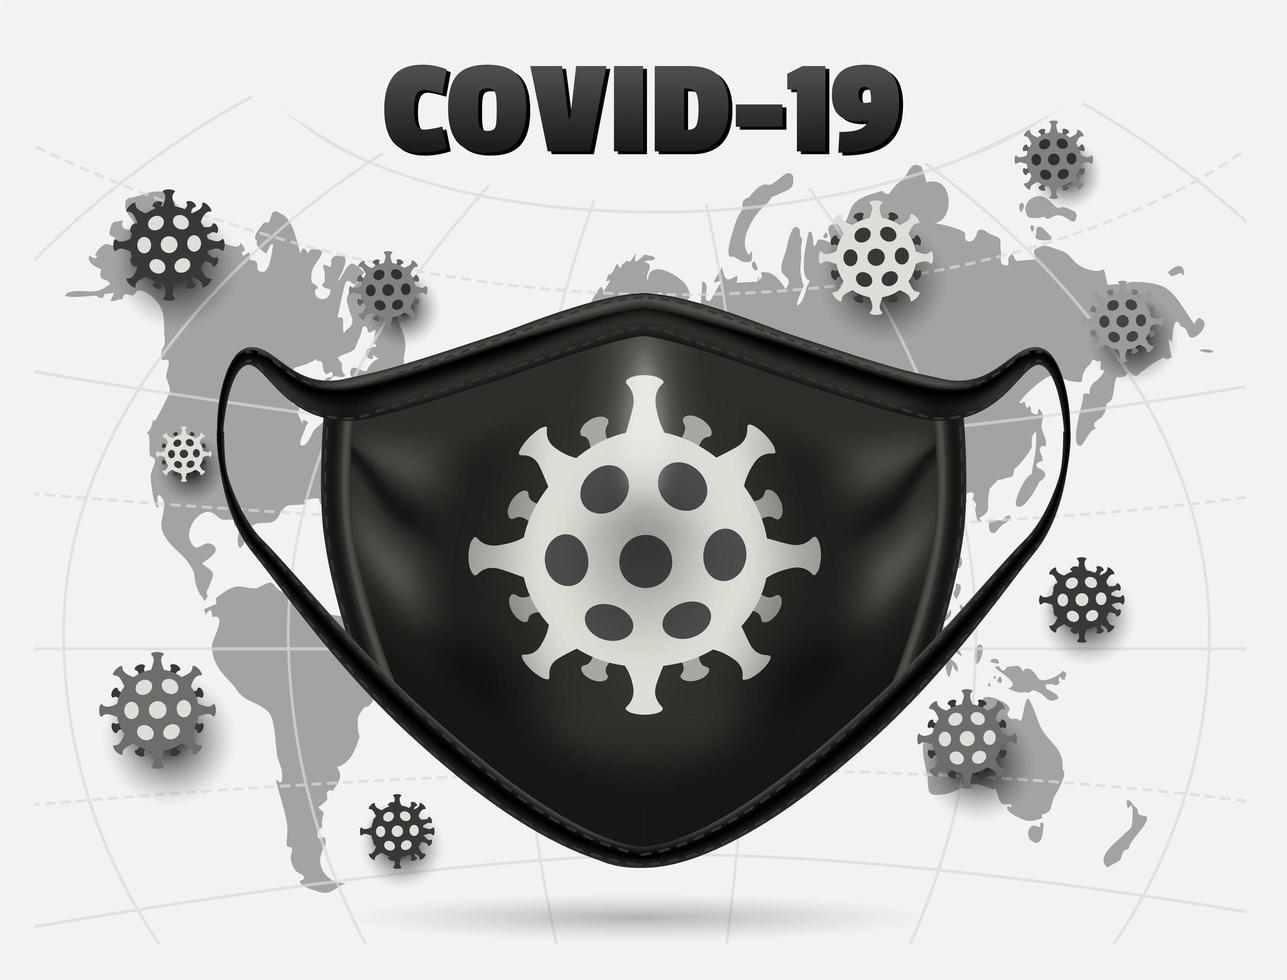 masque médical coronavirus noir sur la carte du monde vecteur